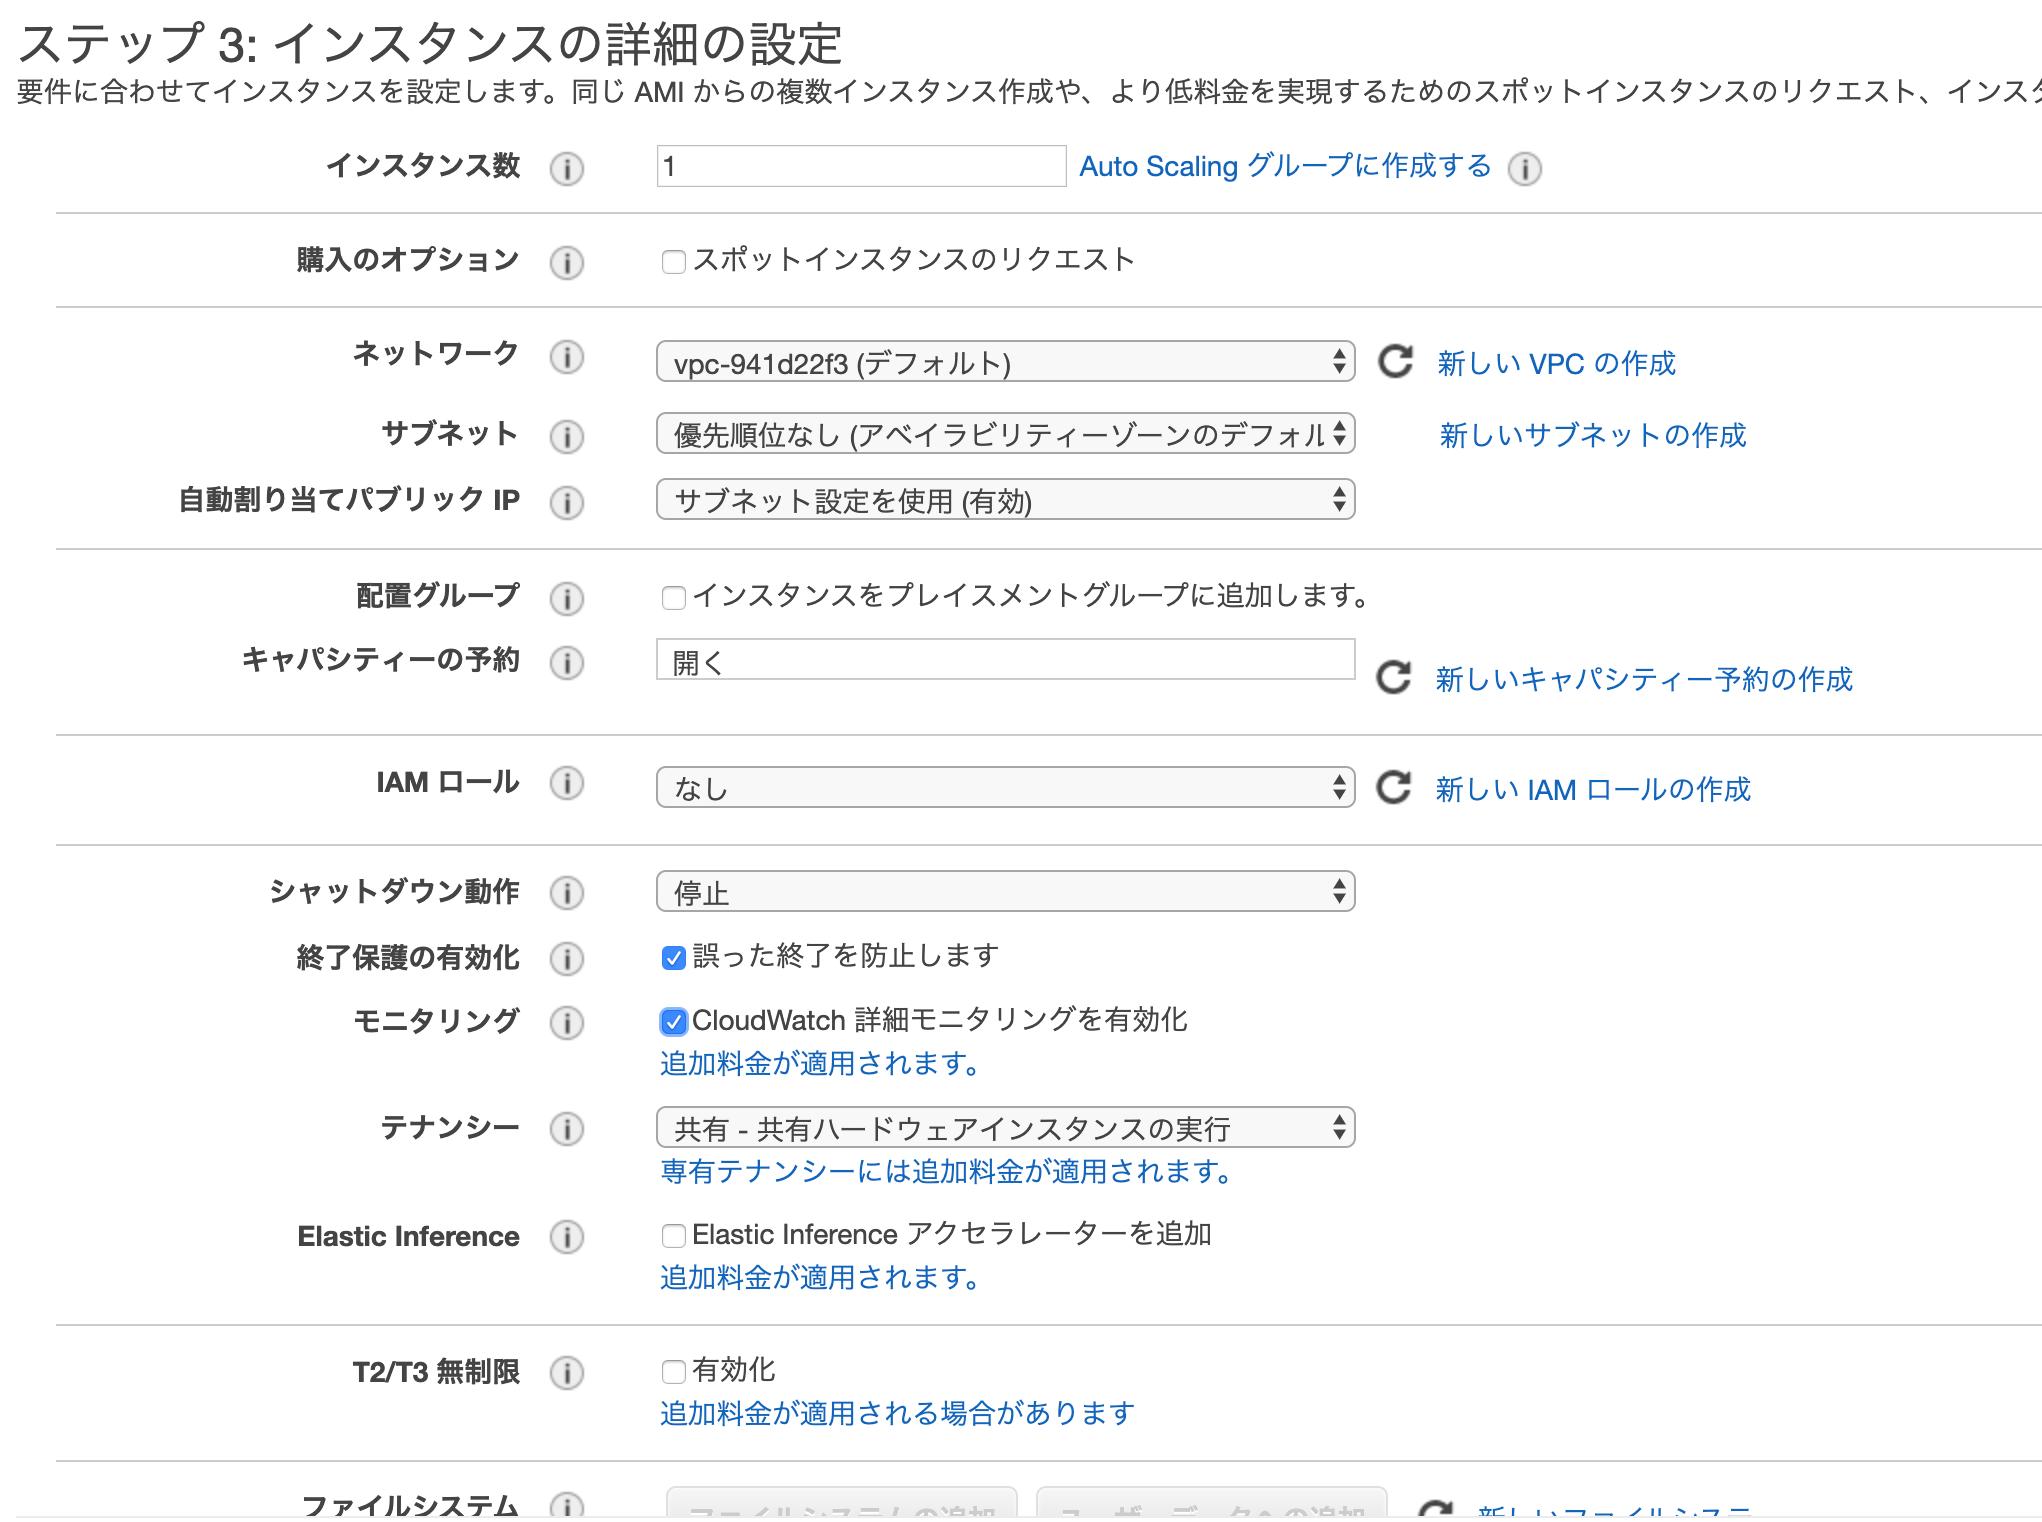 スクリーンショット 2020-01-14 6.20.53.png